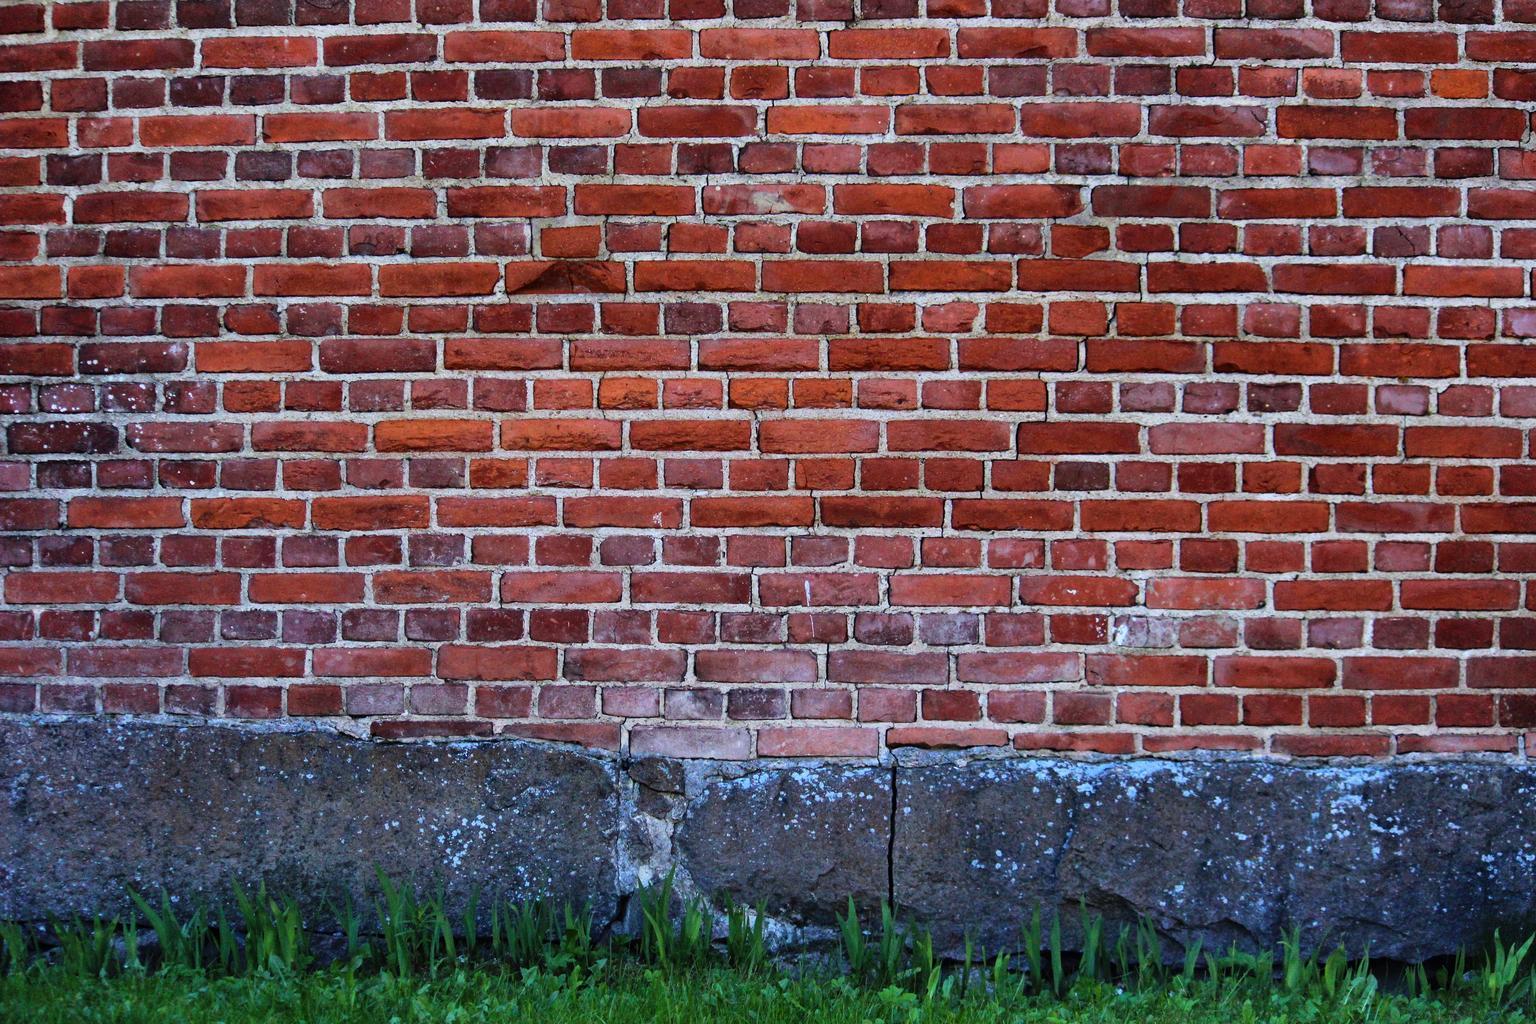 Brick Wall Construction : Free images brick walls bricks construction